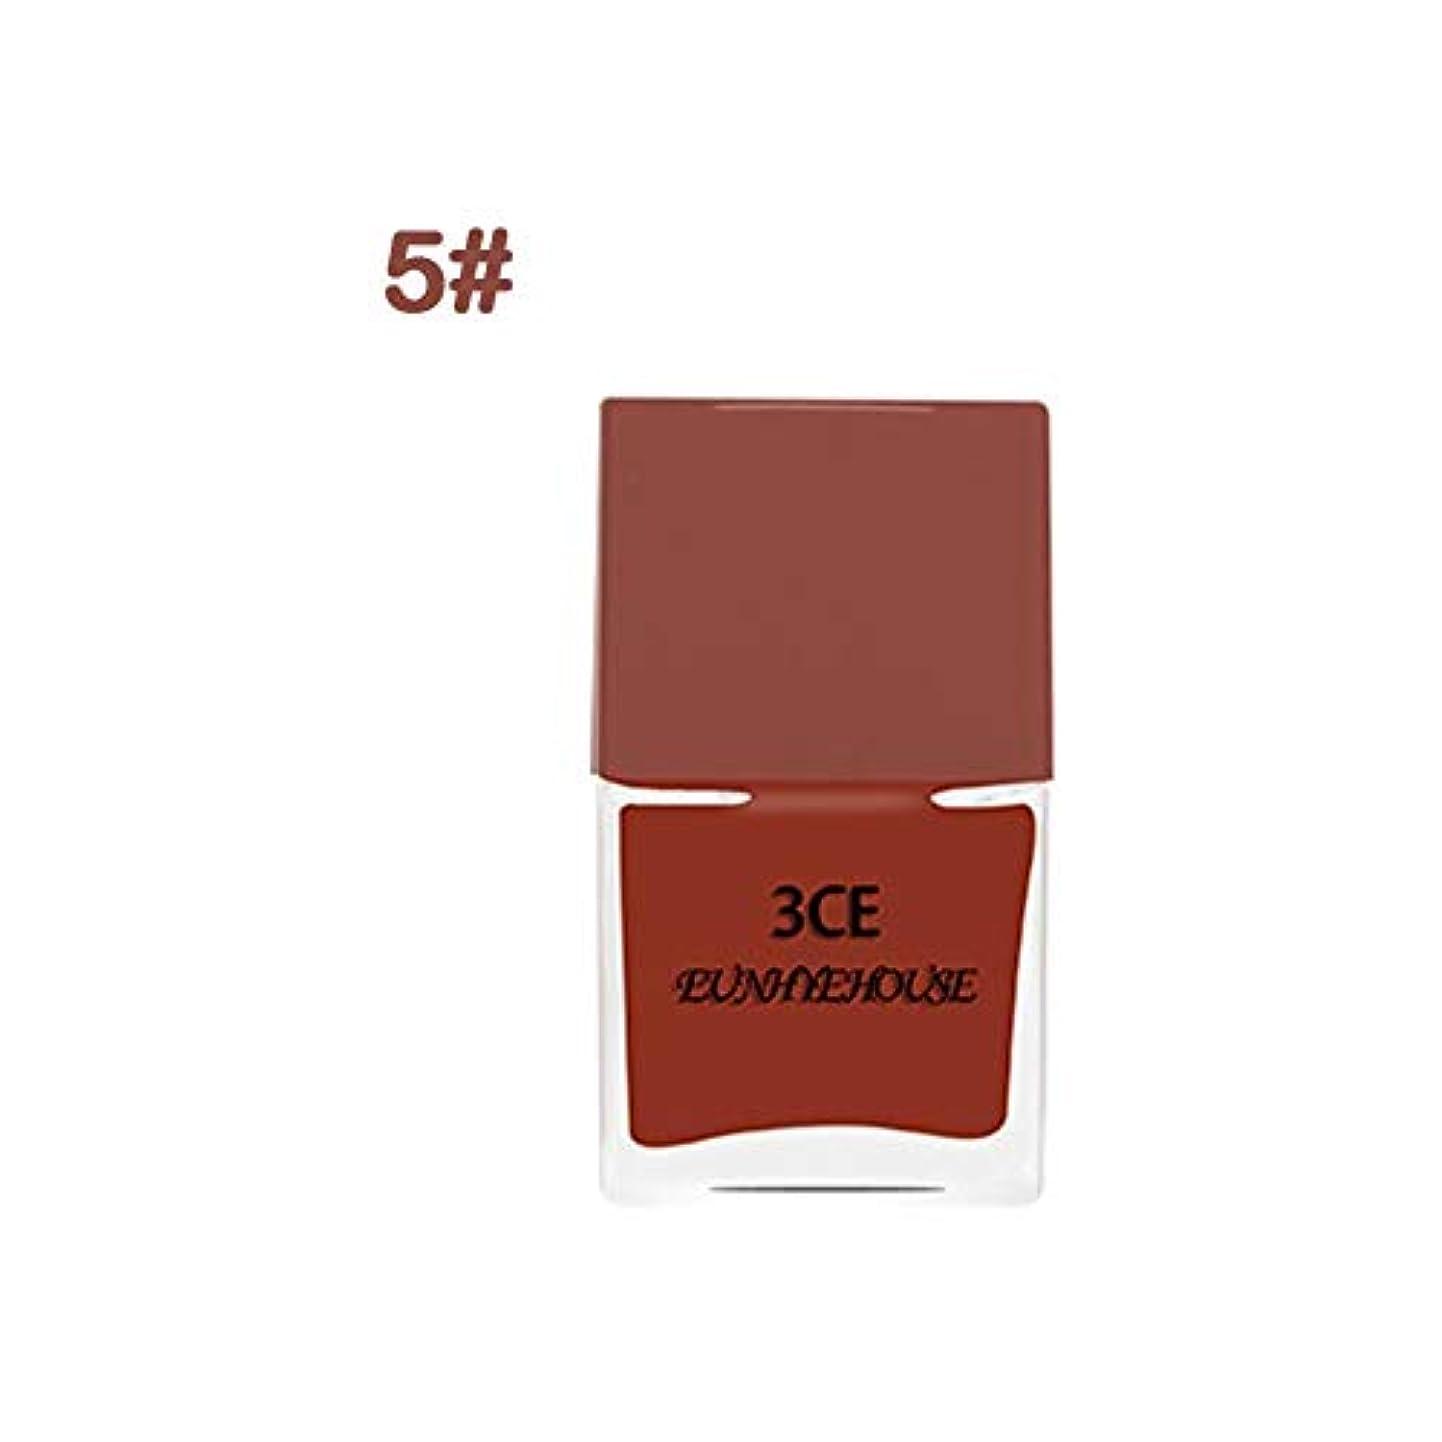 変化五月協力高品質 8色選べる ネイルポリッシュ ネイルカラー レッド パンプキンカラー 秋色 ネイルデコレーション ネイルジェル マニキュア 人気ネイル用品 junexi